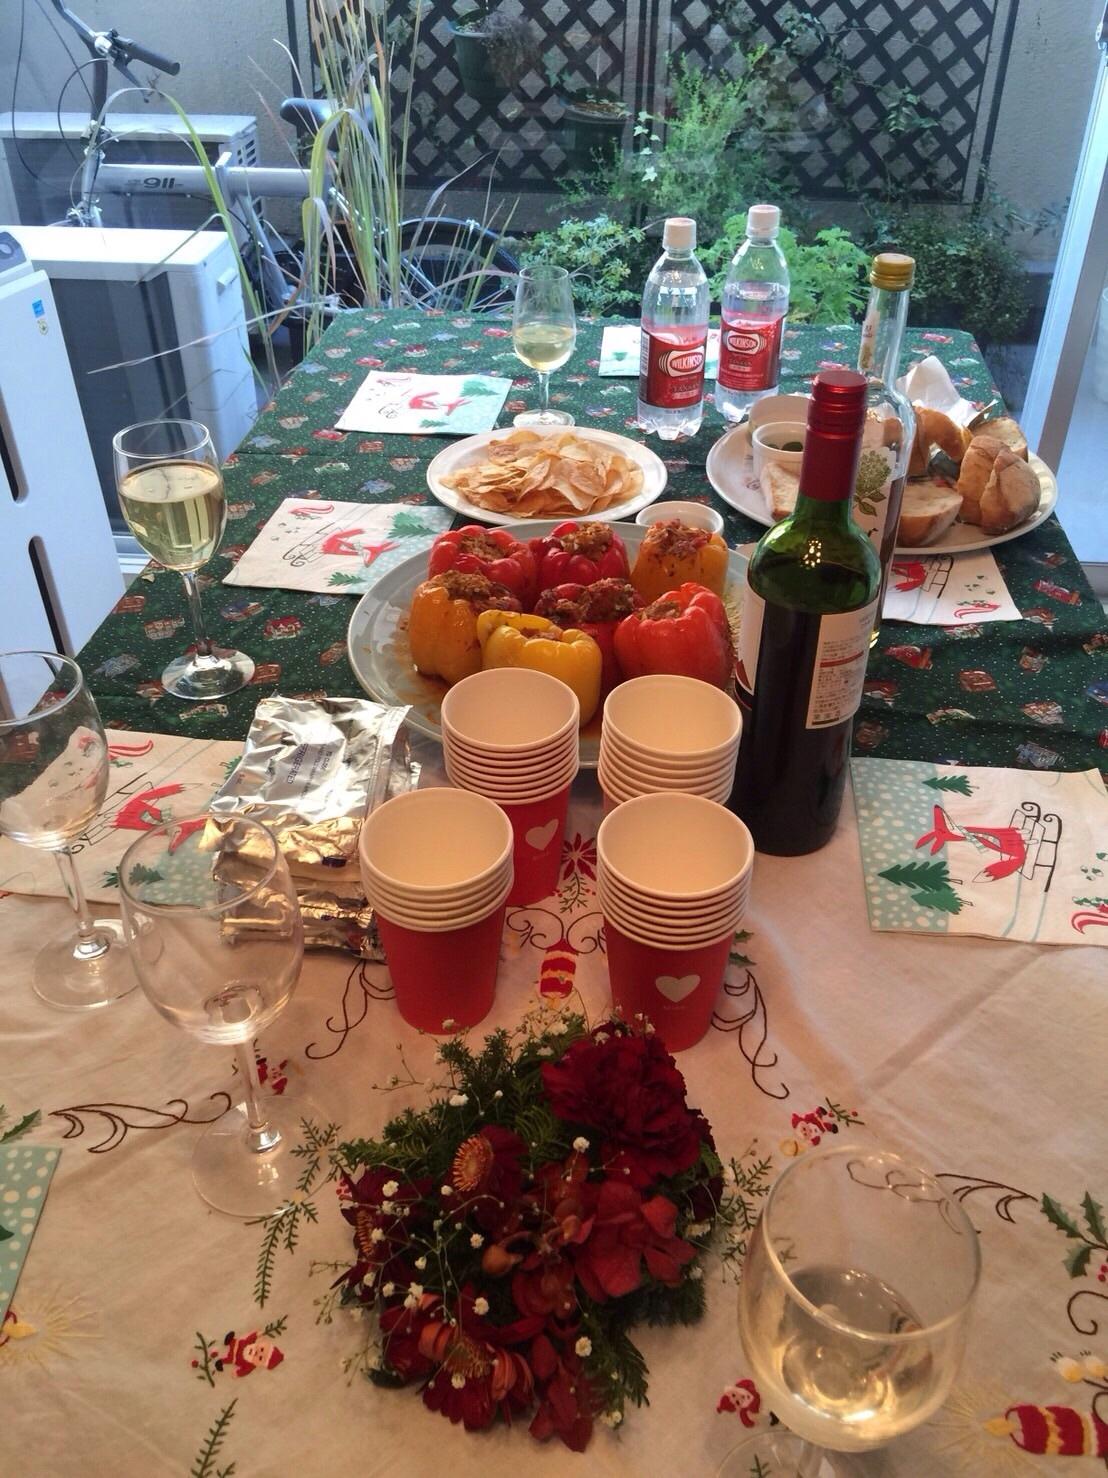 12/17 開催報告!東欧のクリスマスを楽しもう!〜スロバキア x ルーマニア料理教室_d0226963_22273452.jpg